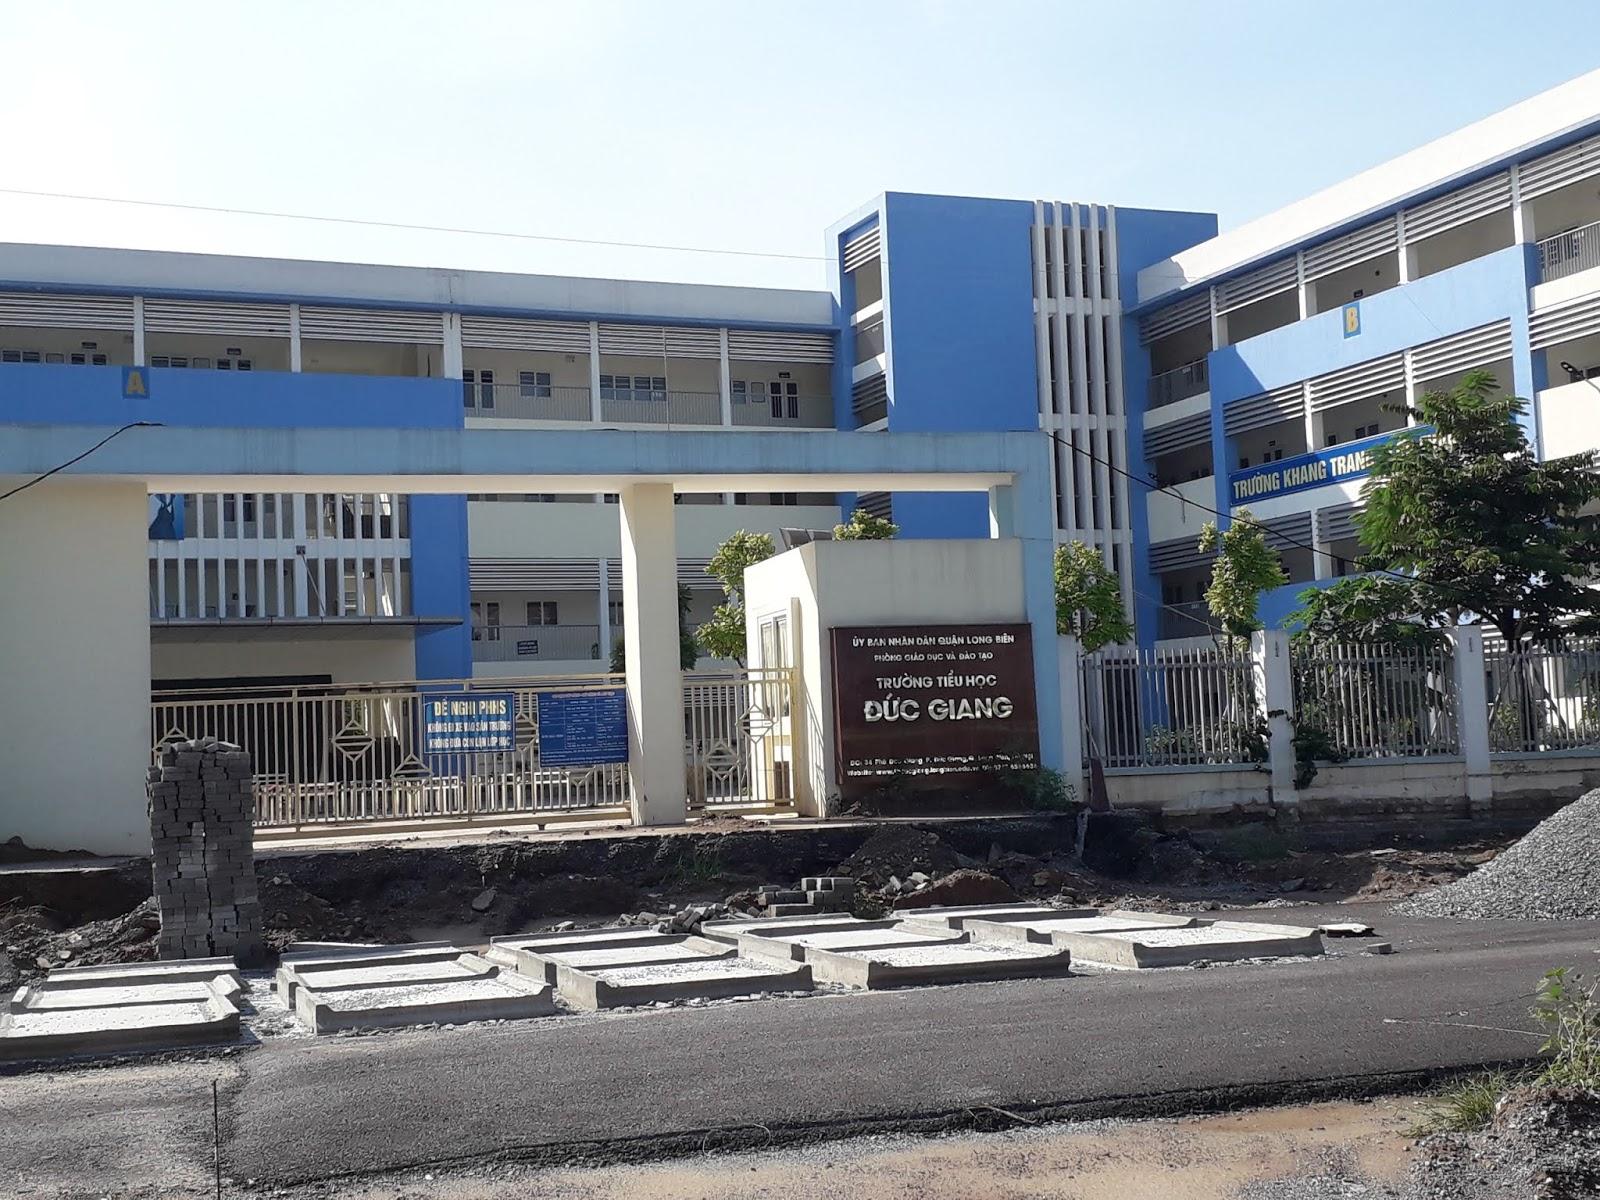 Trường tiểu học Đức Giang.